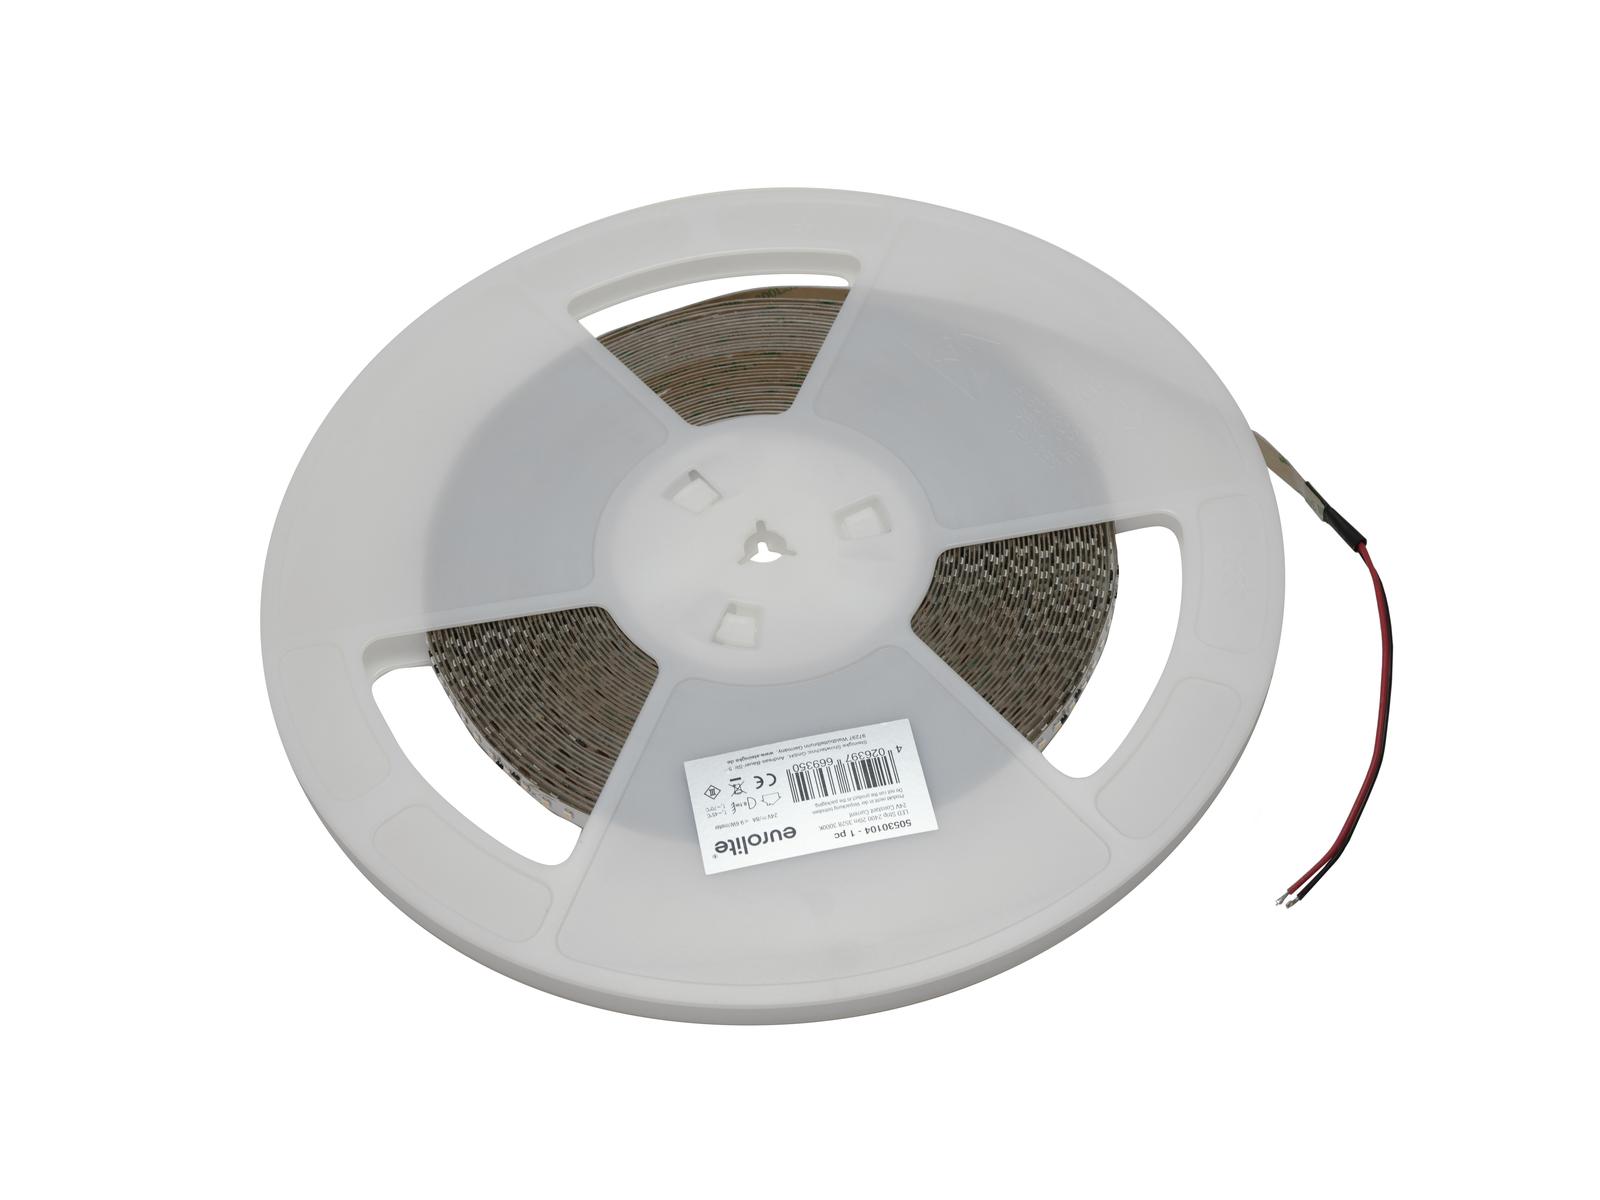 EUROLITE LED Strip 2400 20m 3528 3000K 24V Constant Current